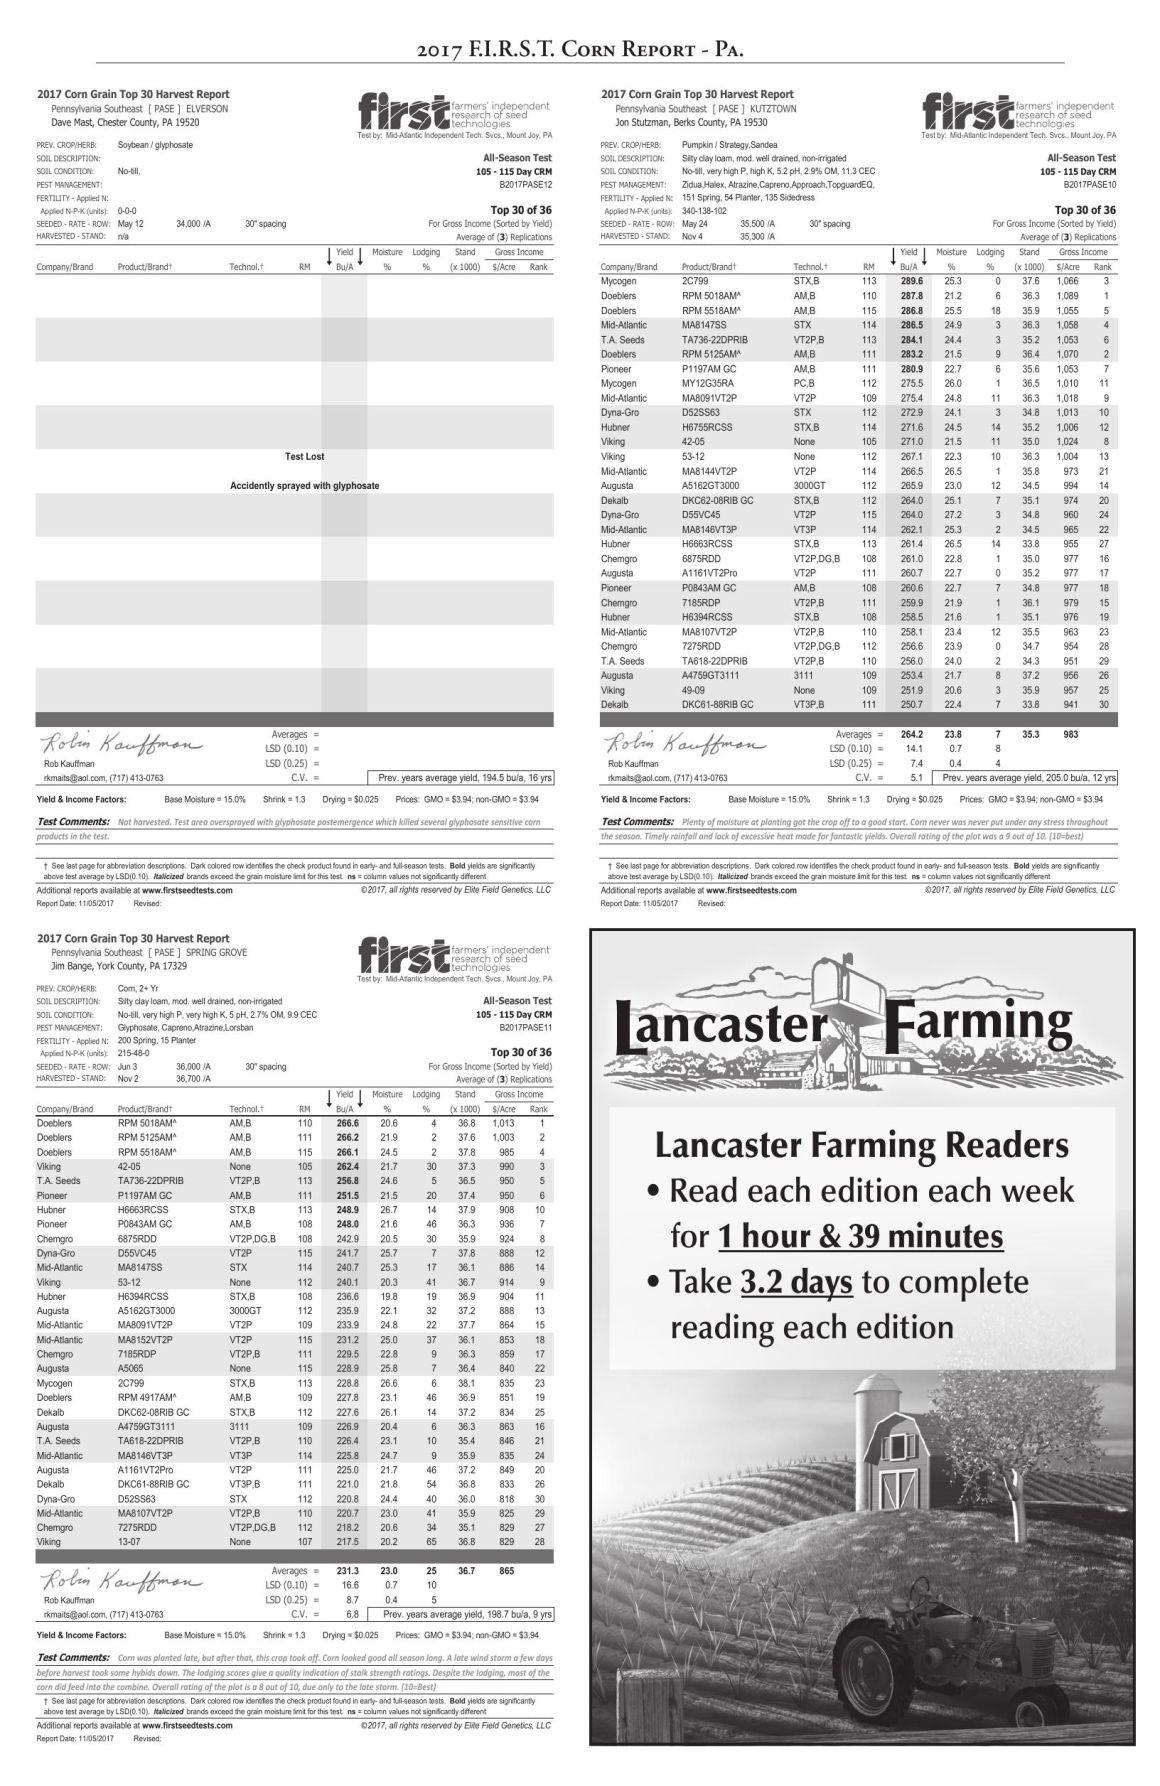 Corn Charts Dec 2017.pdf